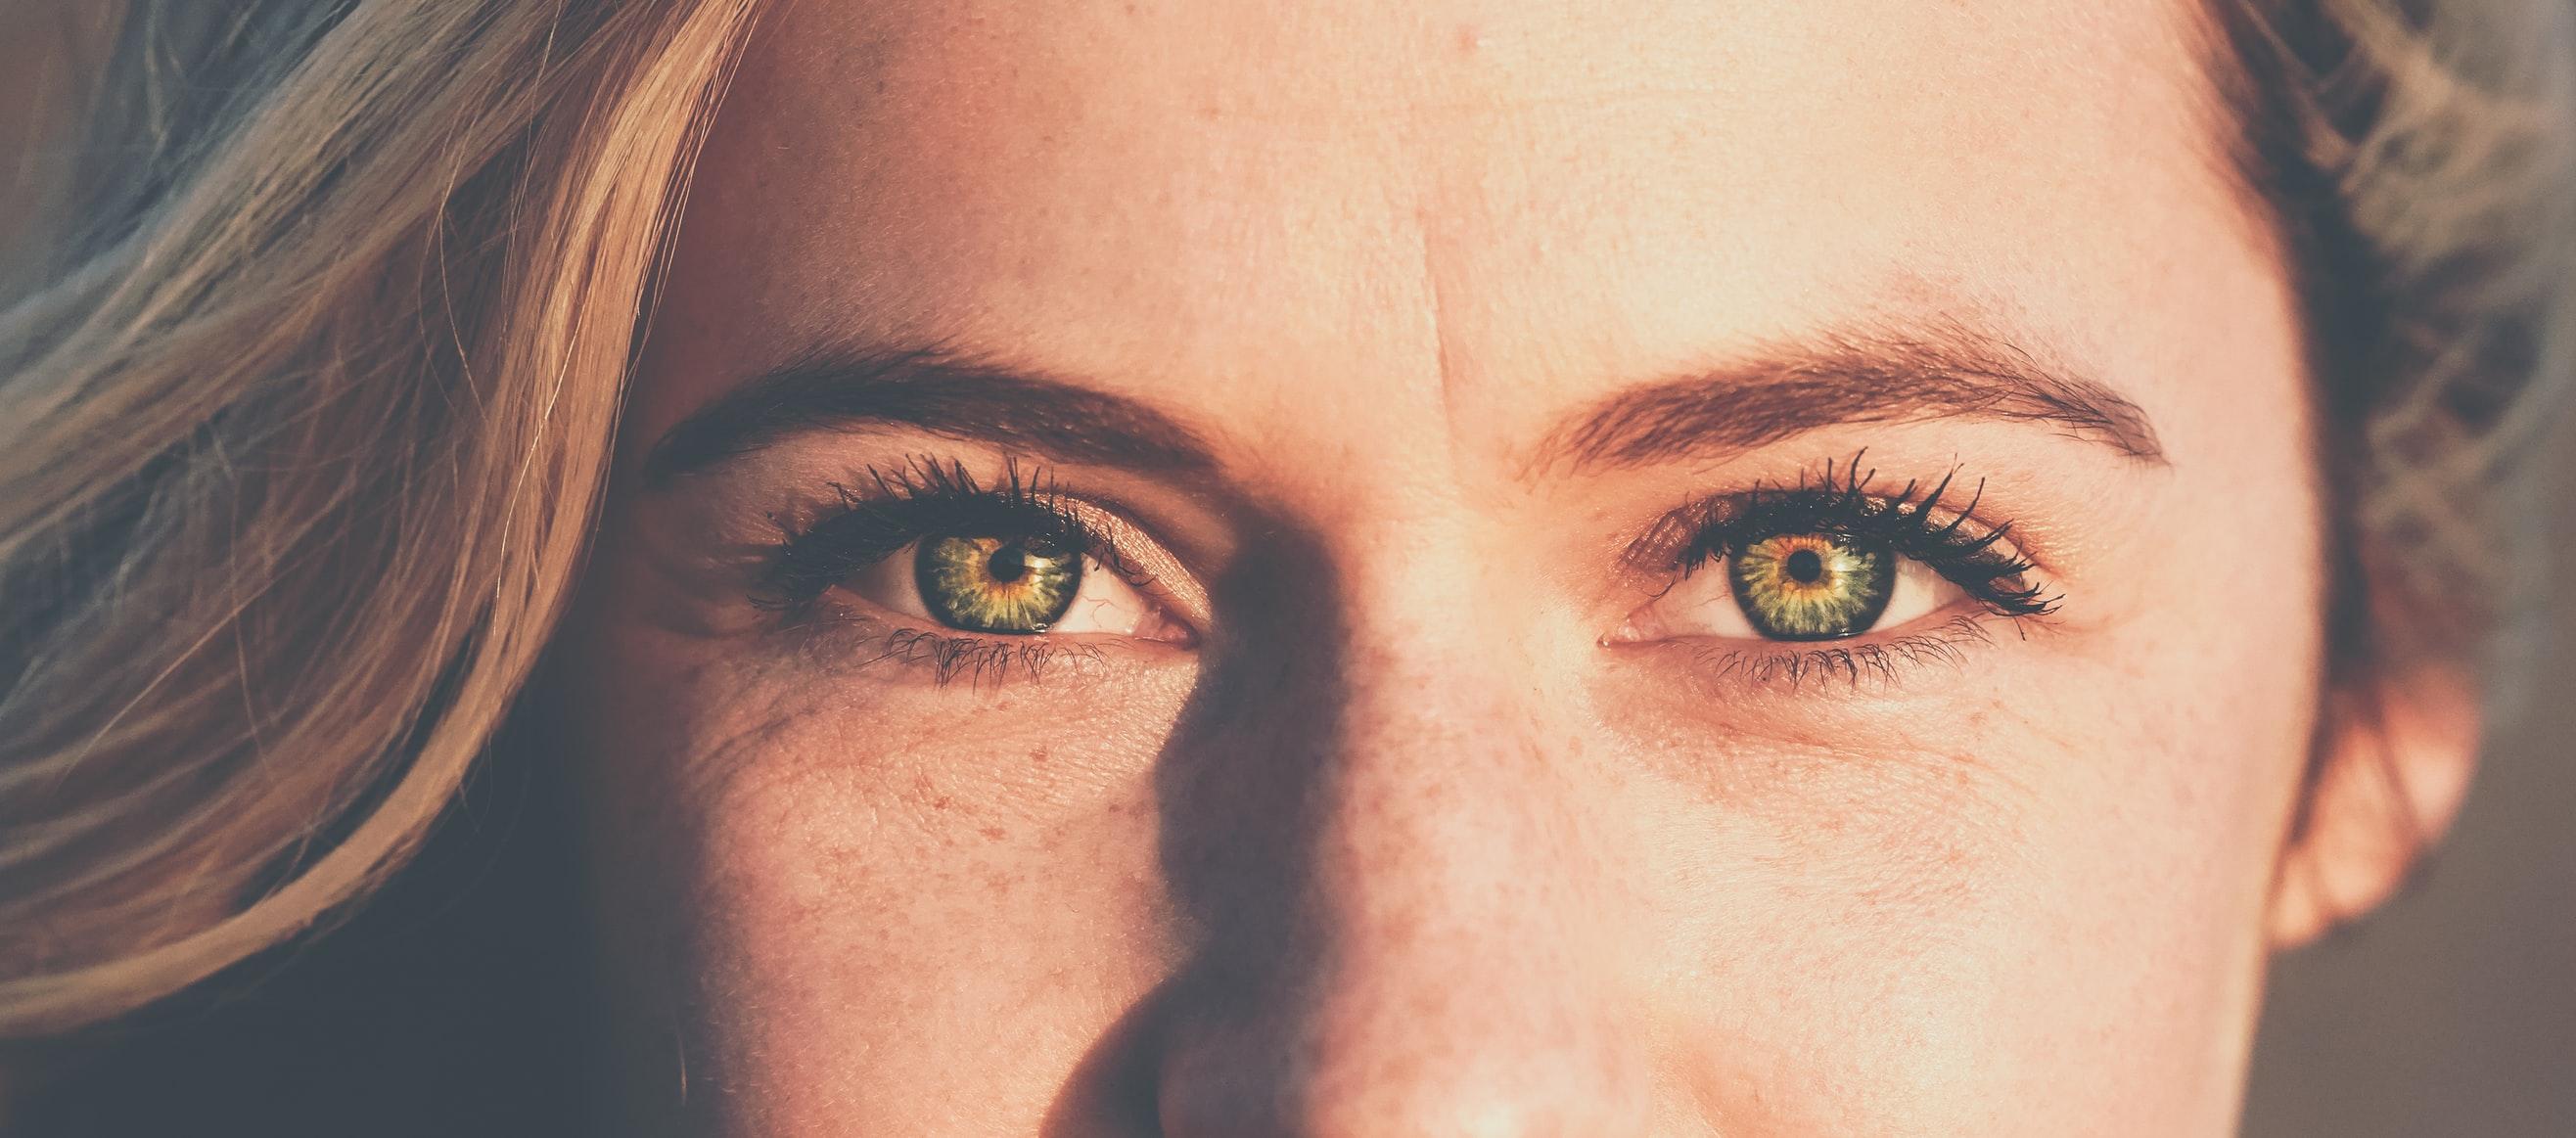 Očima